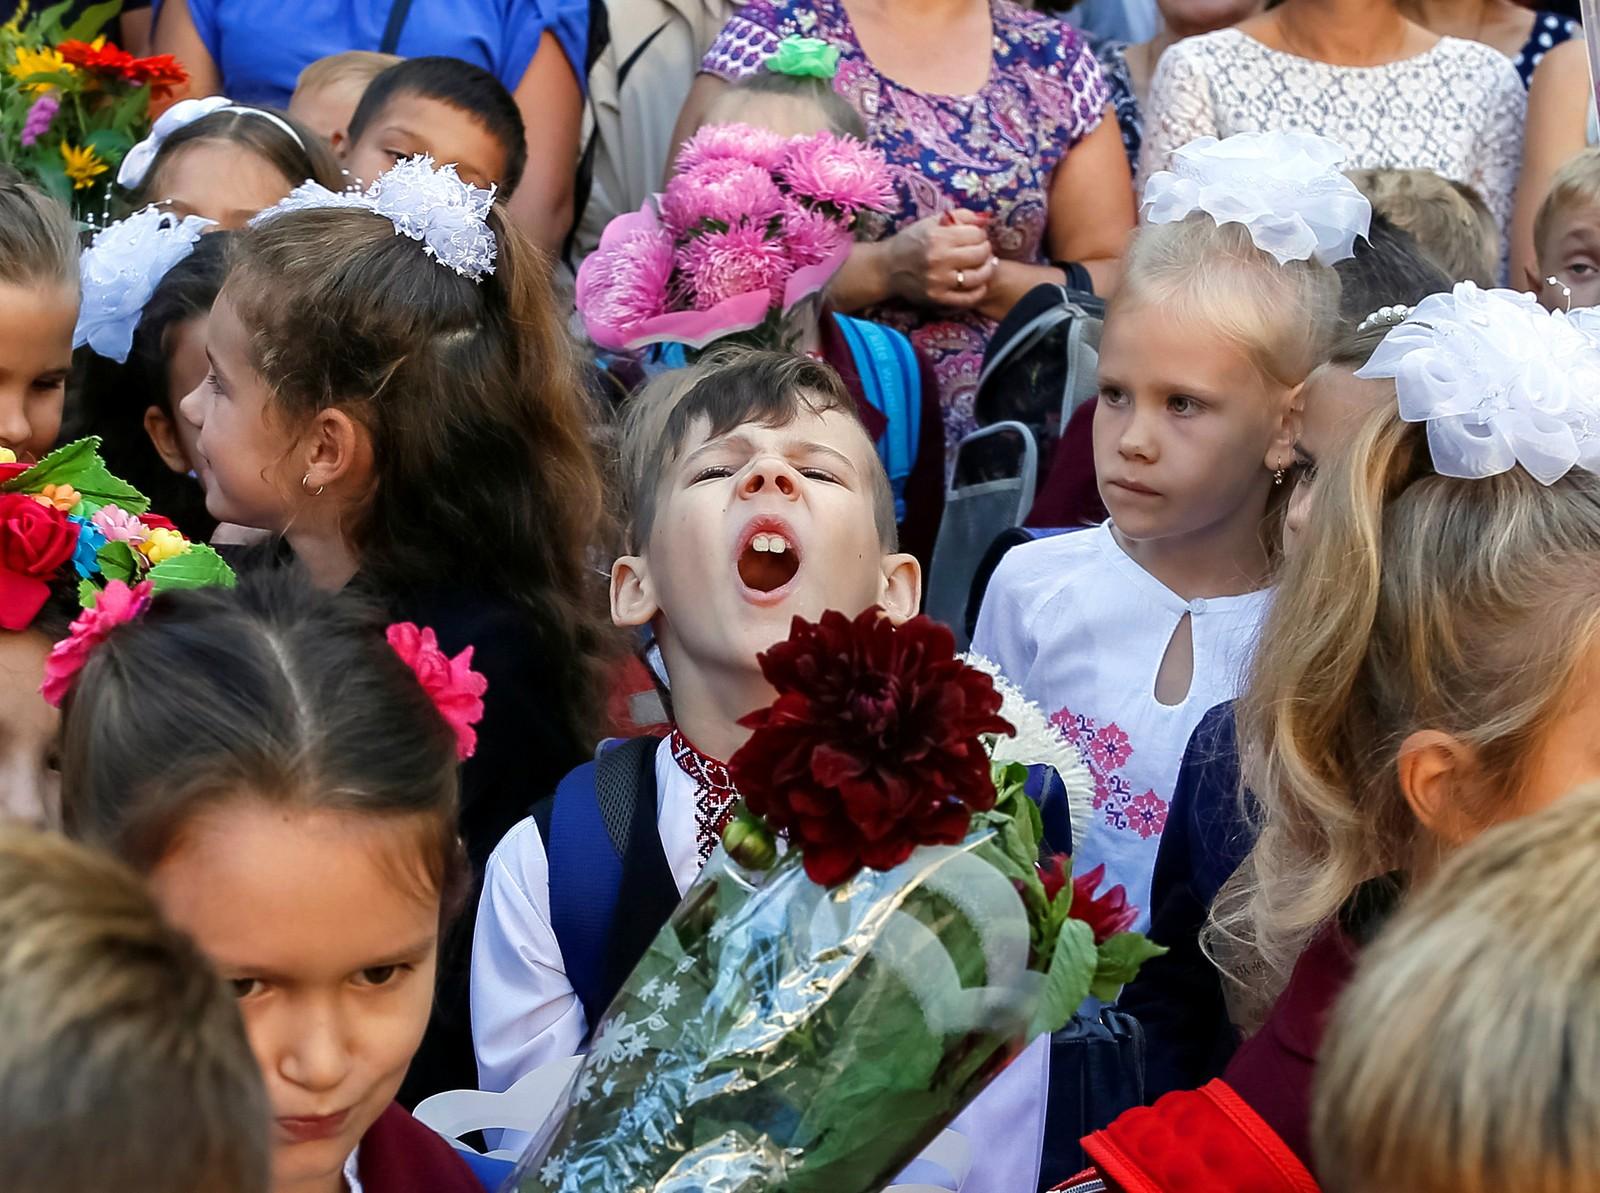 Det er litt usikkert om han gruer eller gleder seg, men dette er fra første skoledag i Kiev i Ukraina den 1. september.